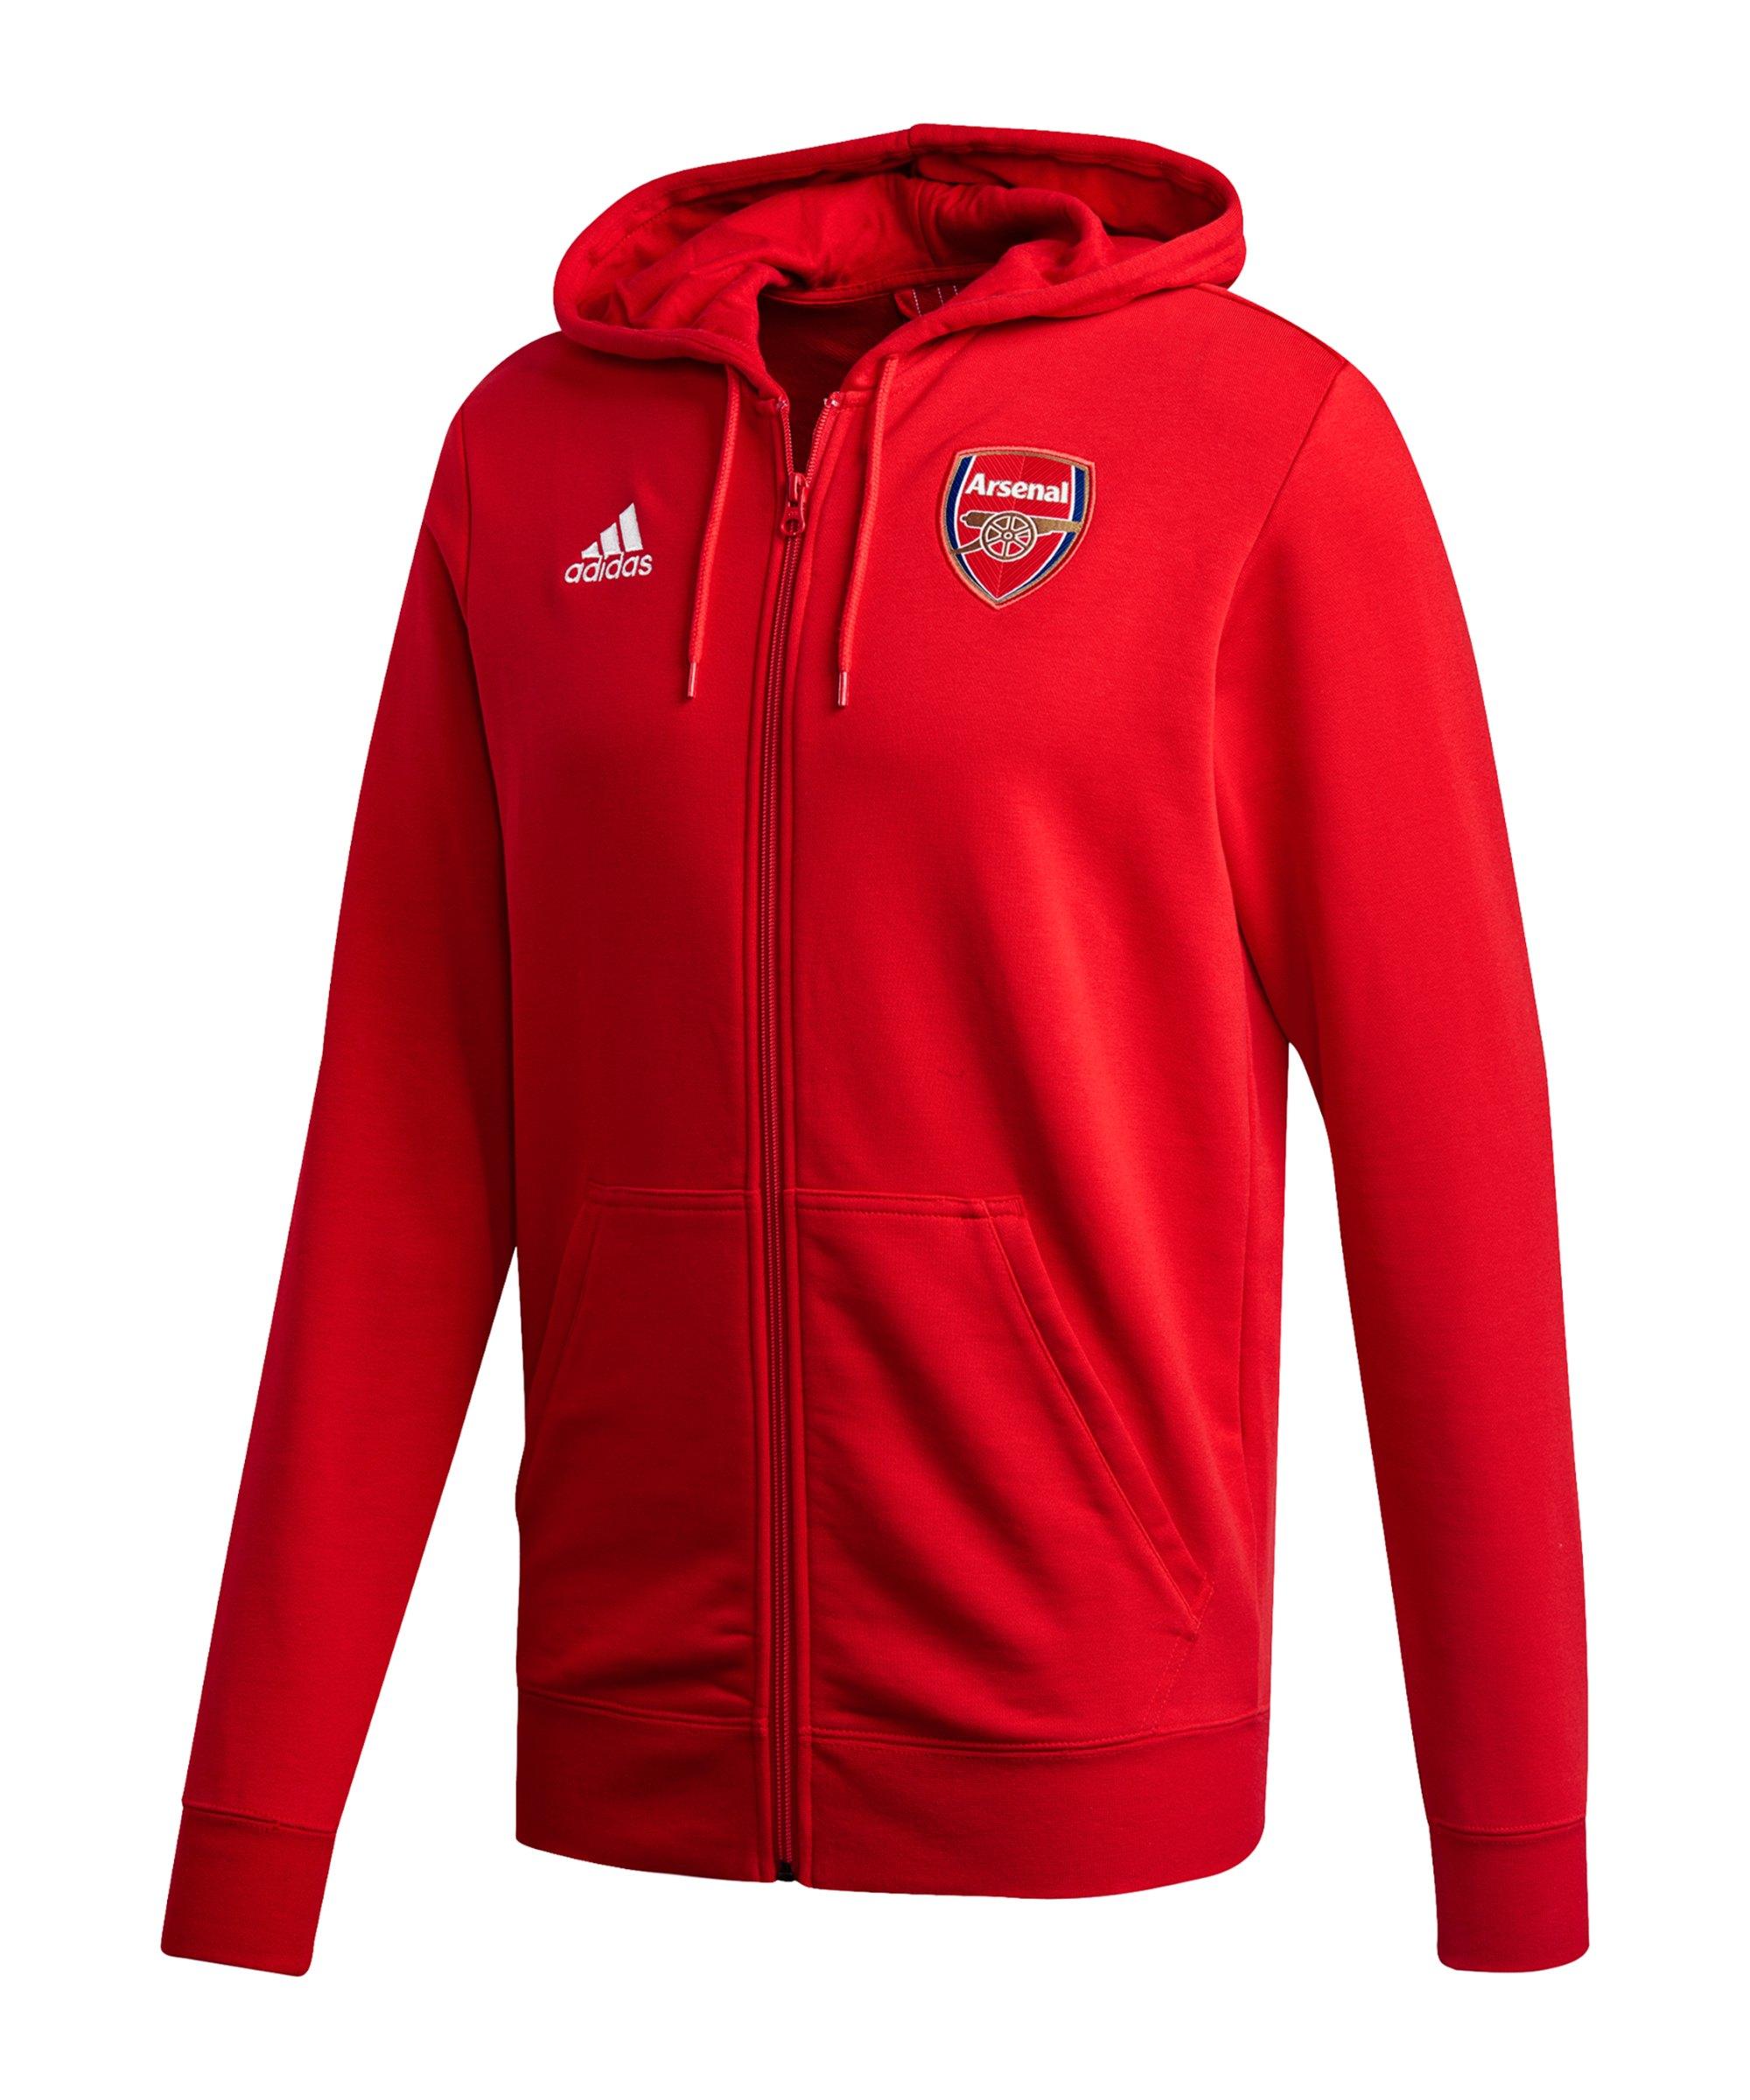 adidas FC Arsenal London 3S Kapuzenjacke Rot - rot